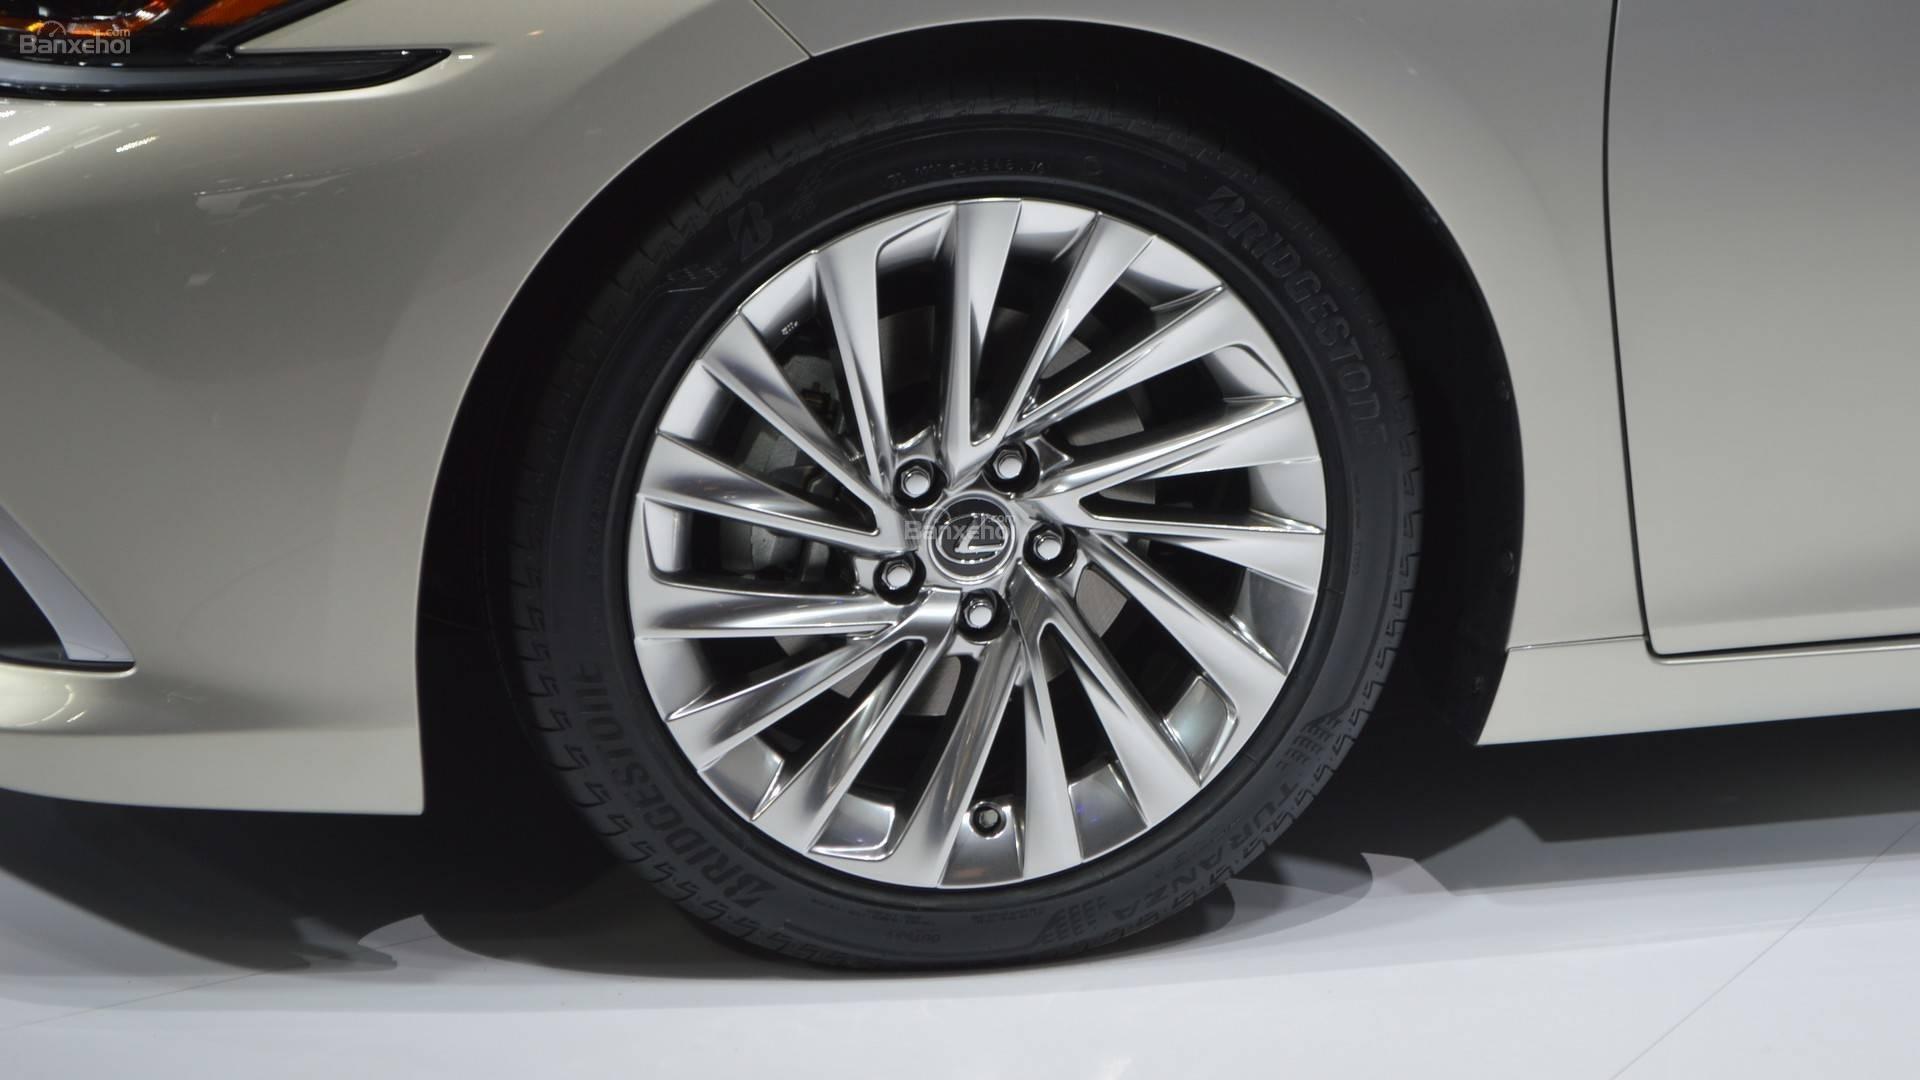 Đánh giá xe Lexus ES 2019: La-zăng có tùy chọn 17, 18, 19 inch z